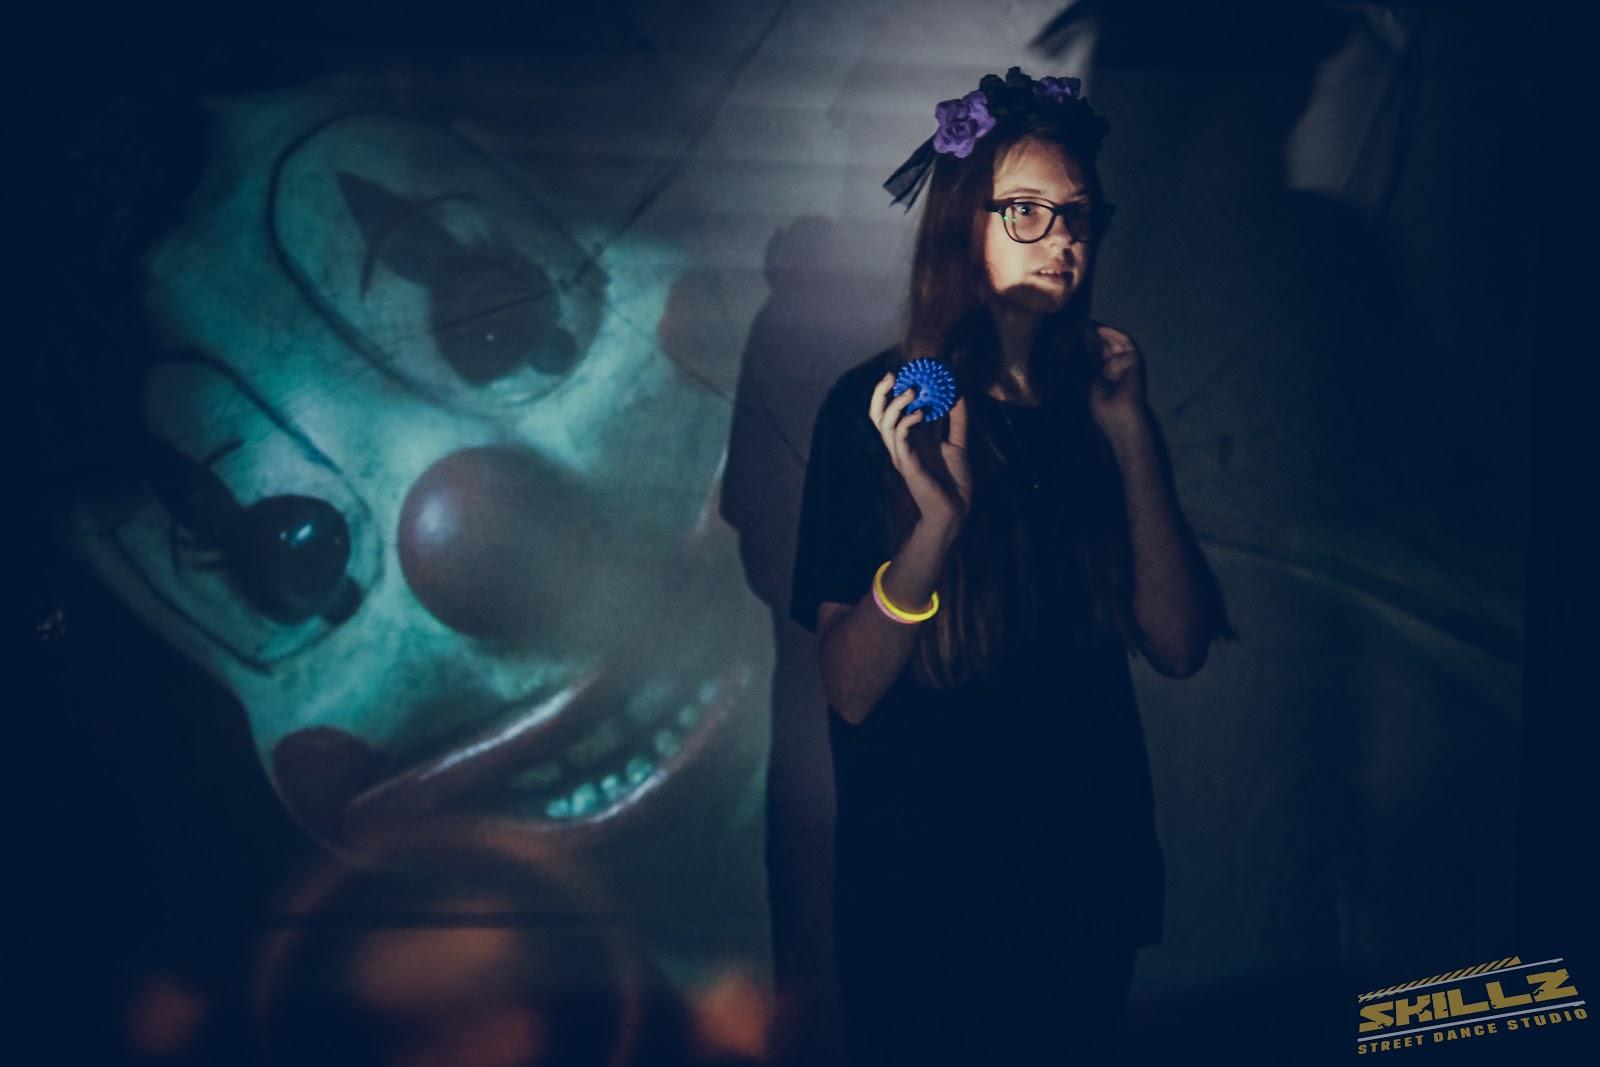 Naujikų krikštynos @SKILLZ (Halloween tema) - PANA1533.jpg